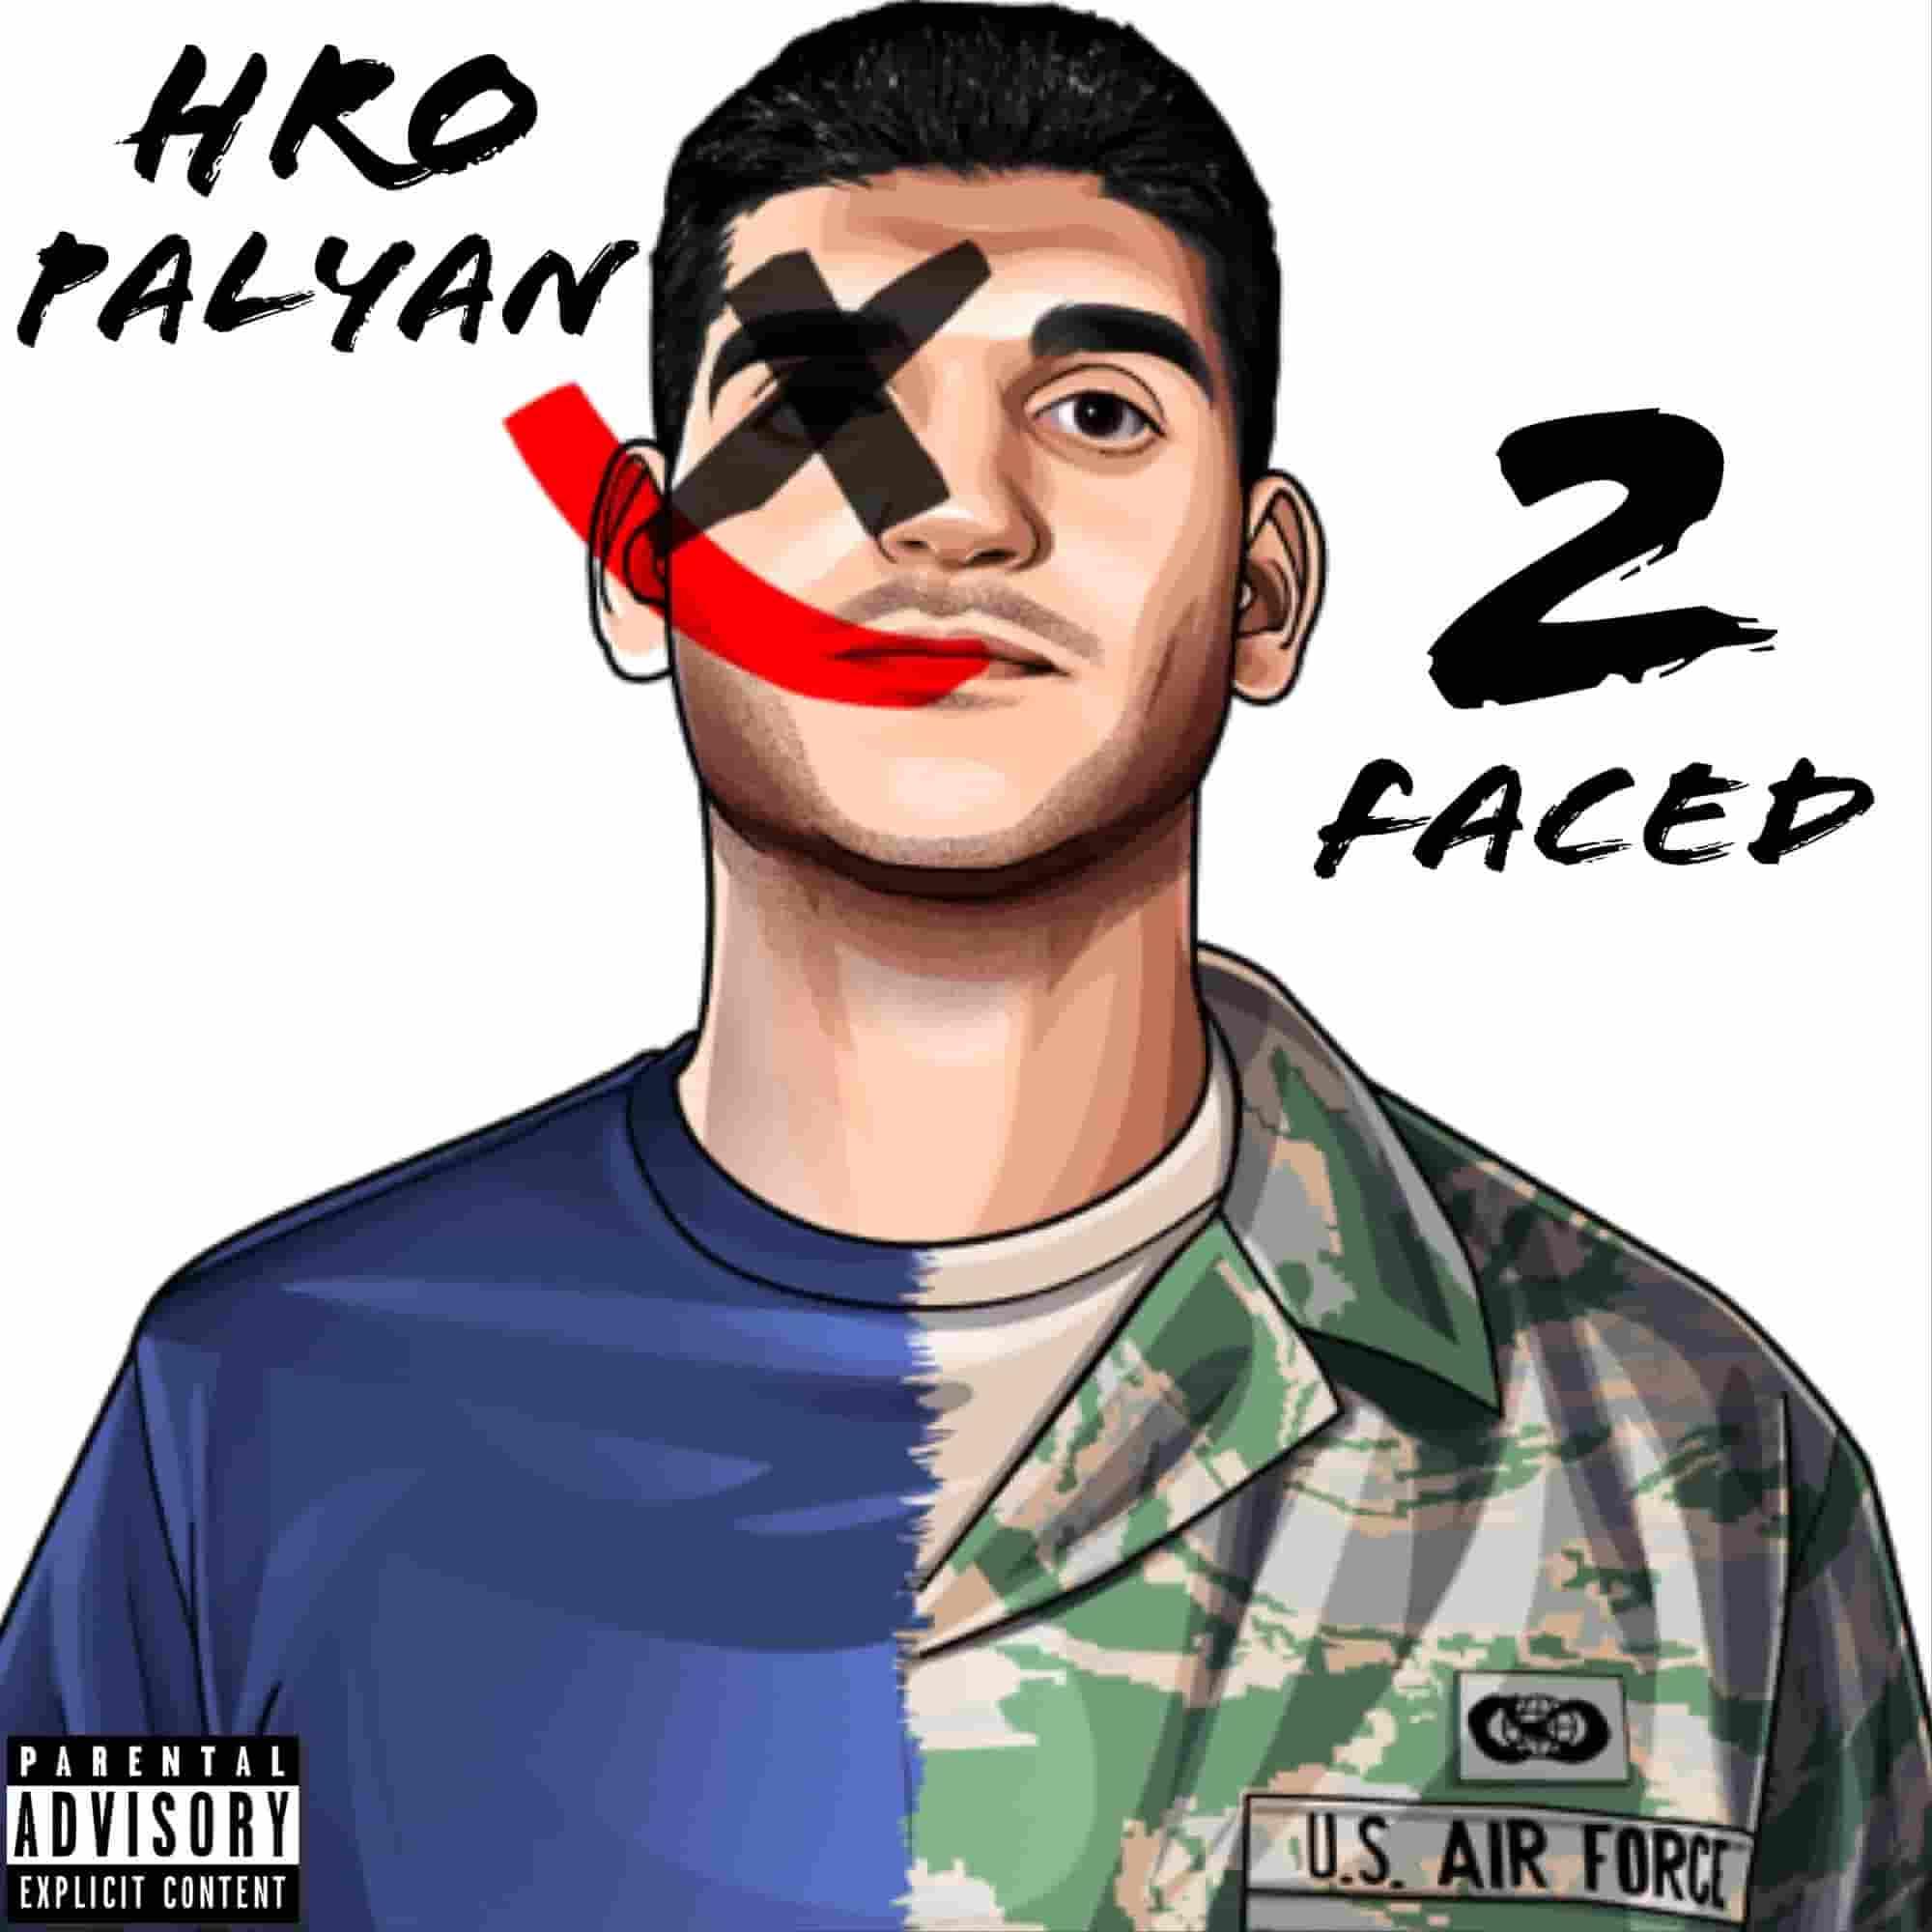 """Hro Palyan - """"2 Faced"""""""